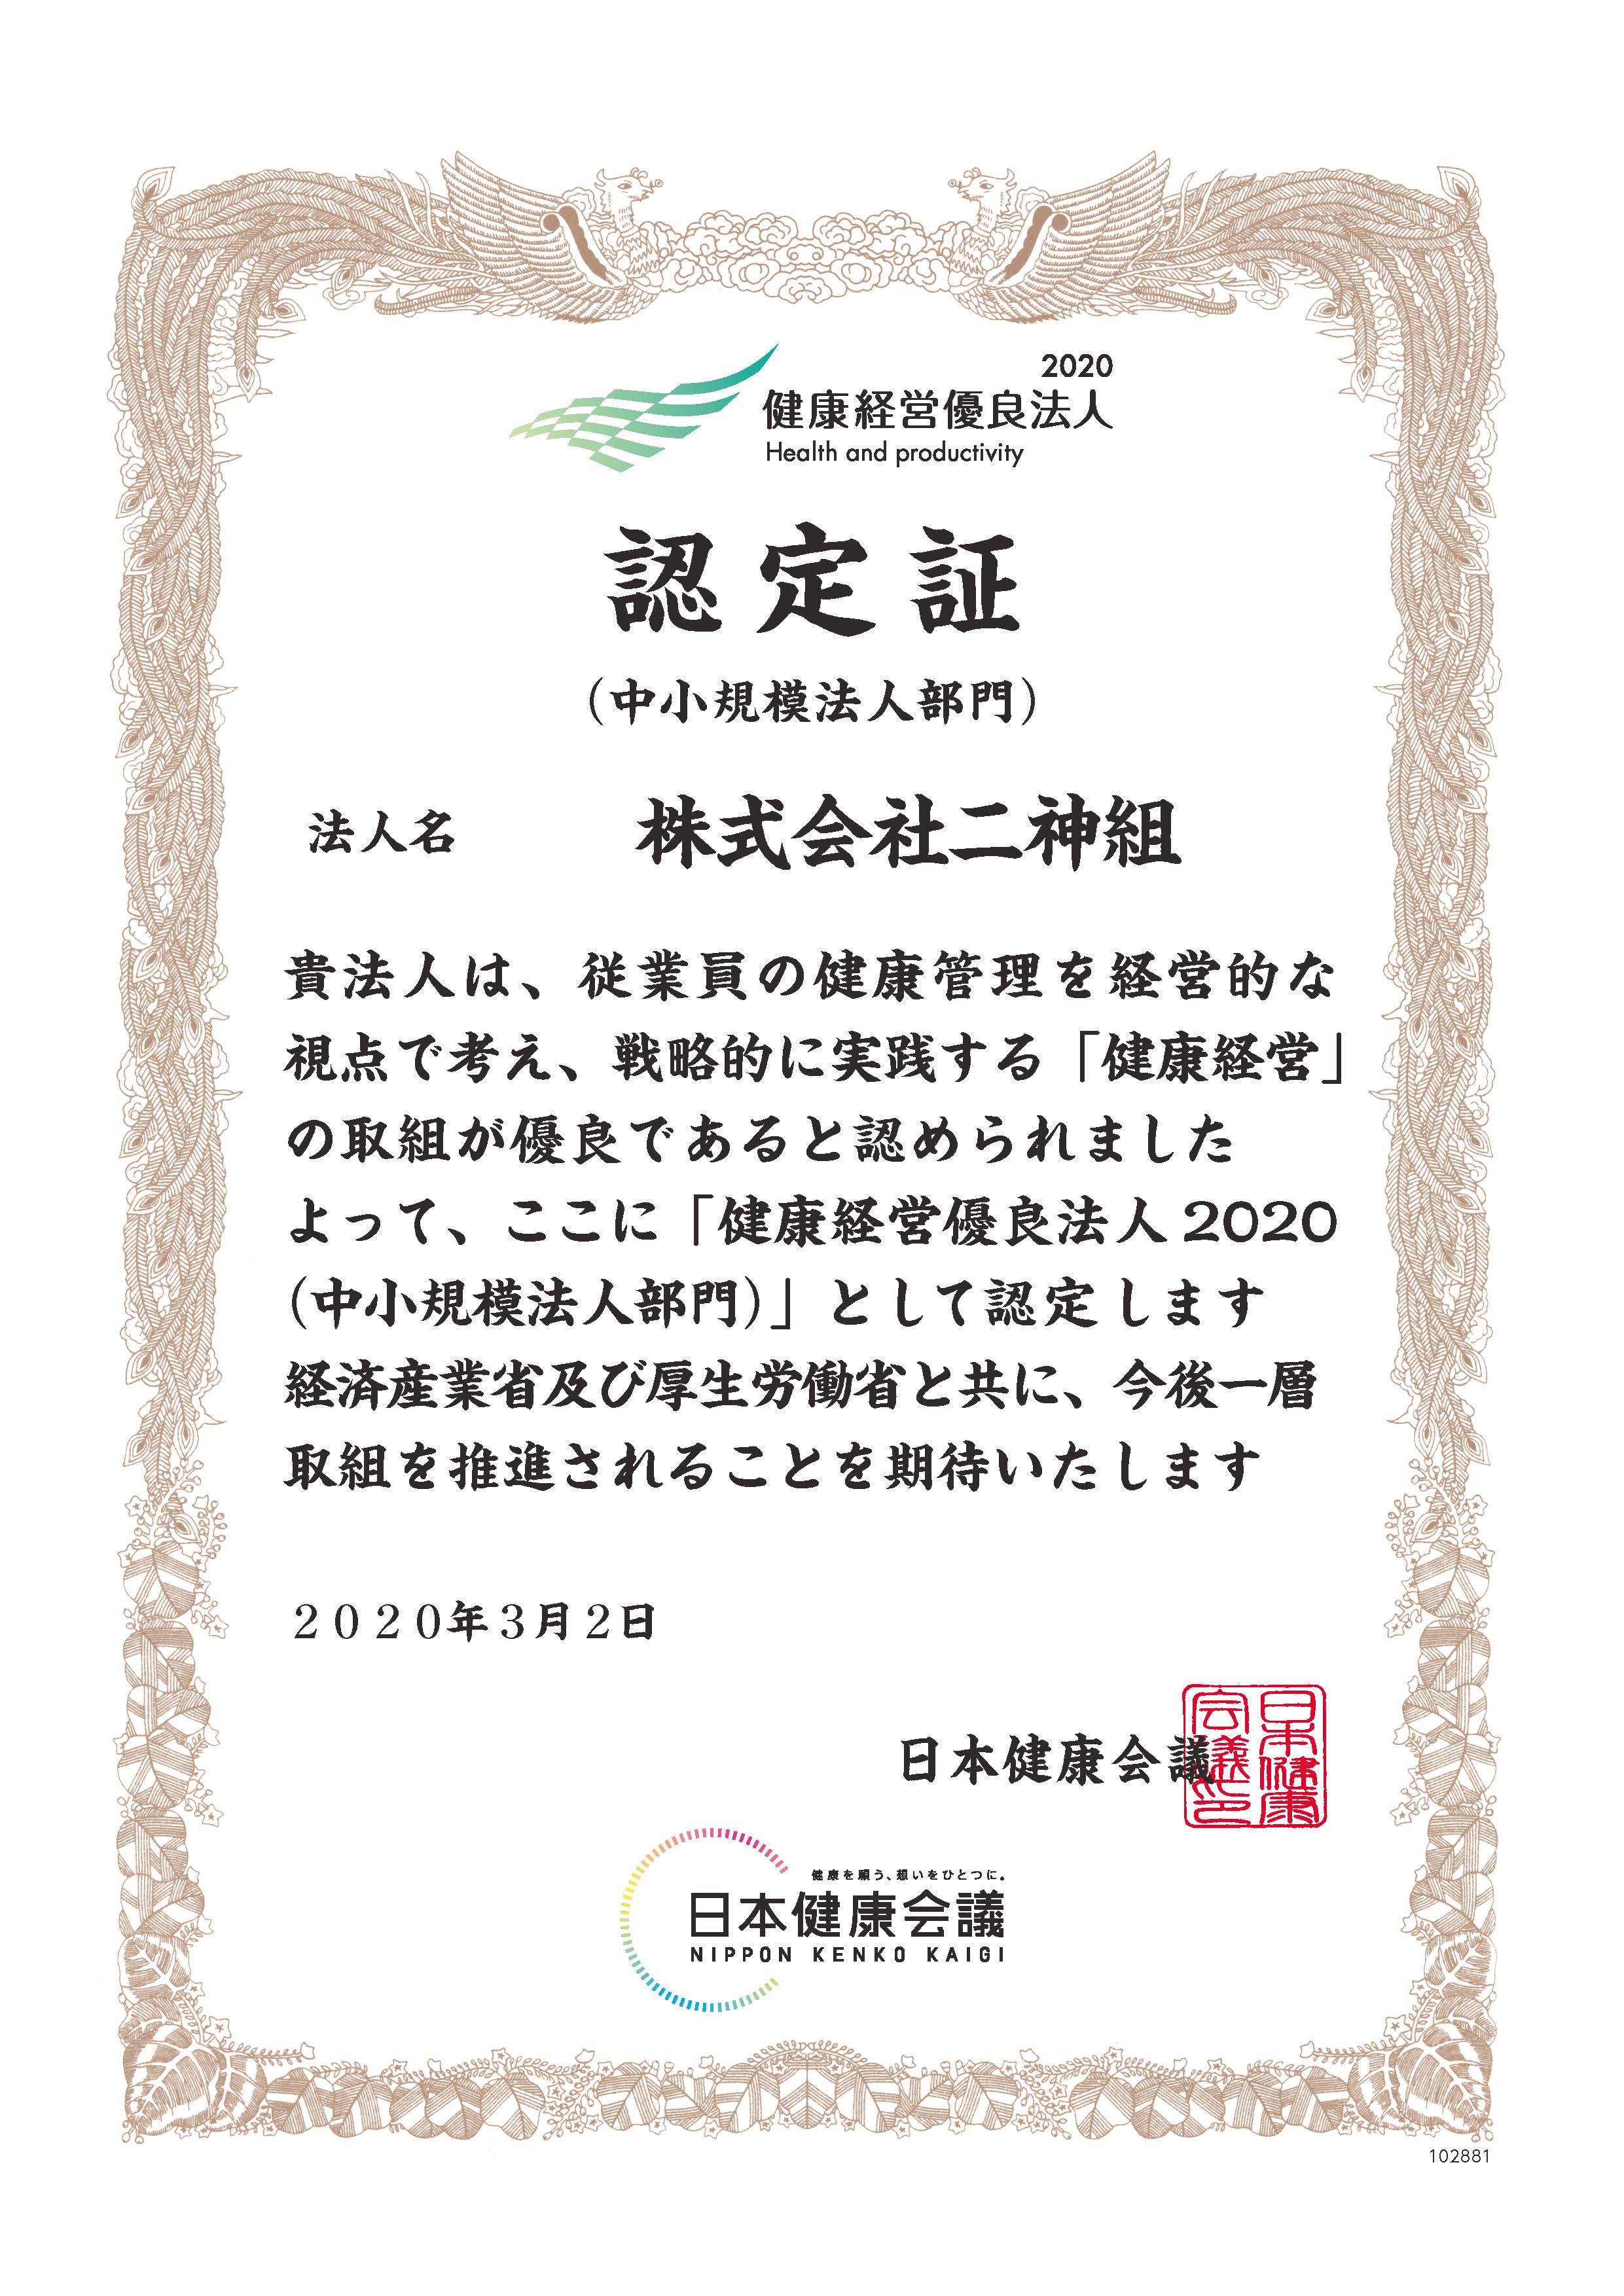 102881_株式会社二神組